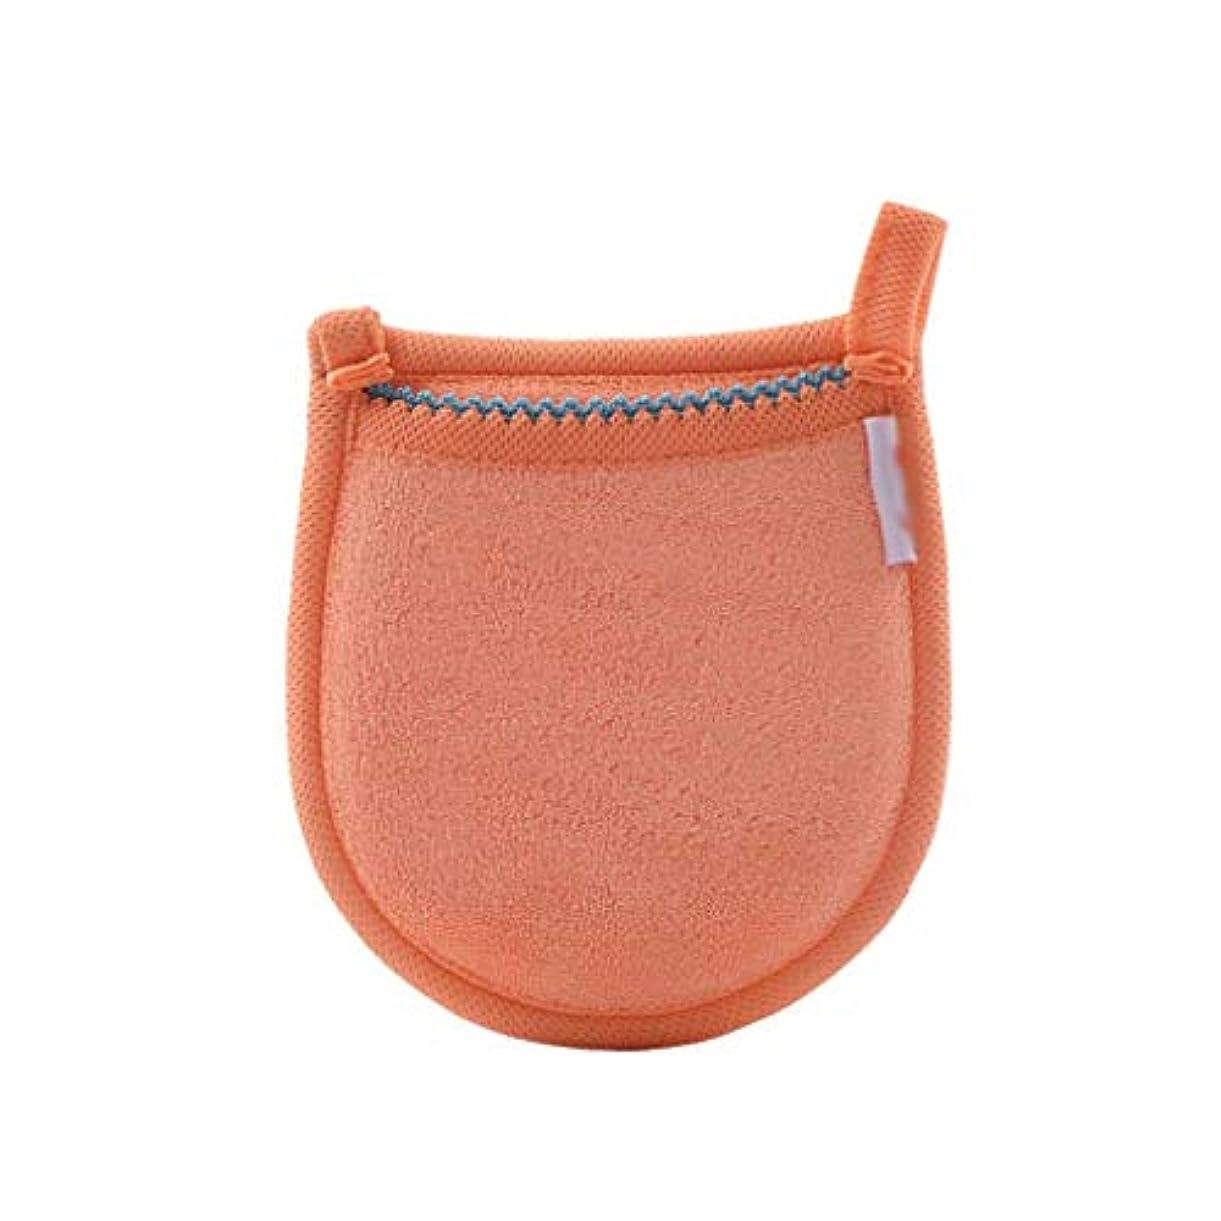 パターンカウントアップマウントバンク1ピースフェイシャル竹炭スポンジフェイスメイク落とし美容再利用可能なフェイスタオルクリーニンググローブ洗濯メイクアップツール (Color : Orange)